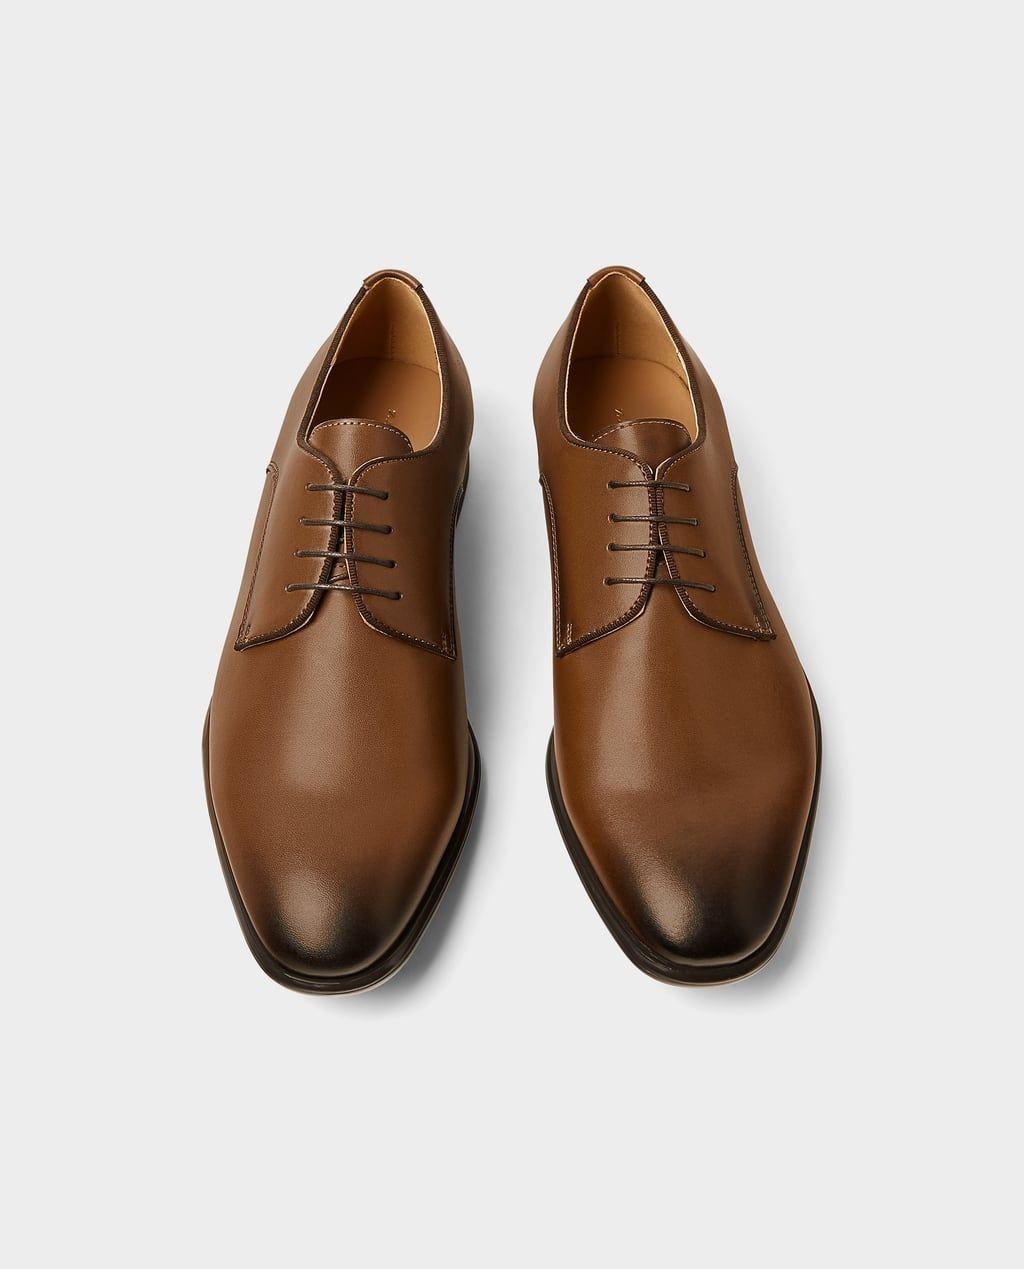 fábrica auténtica 3ac22 9a673 ZAPATO CORDONES VESTIR-Zapatos vestir-ZAPATOS-HOMBRE | ZARA ...